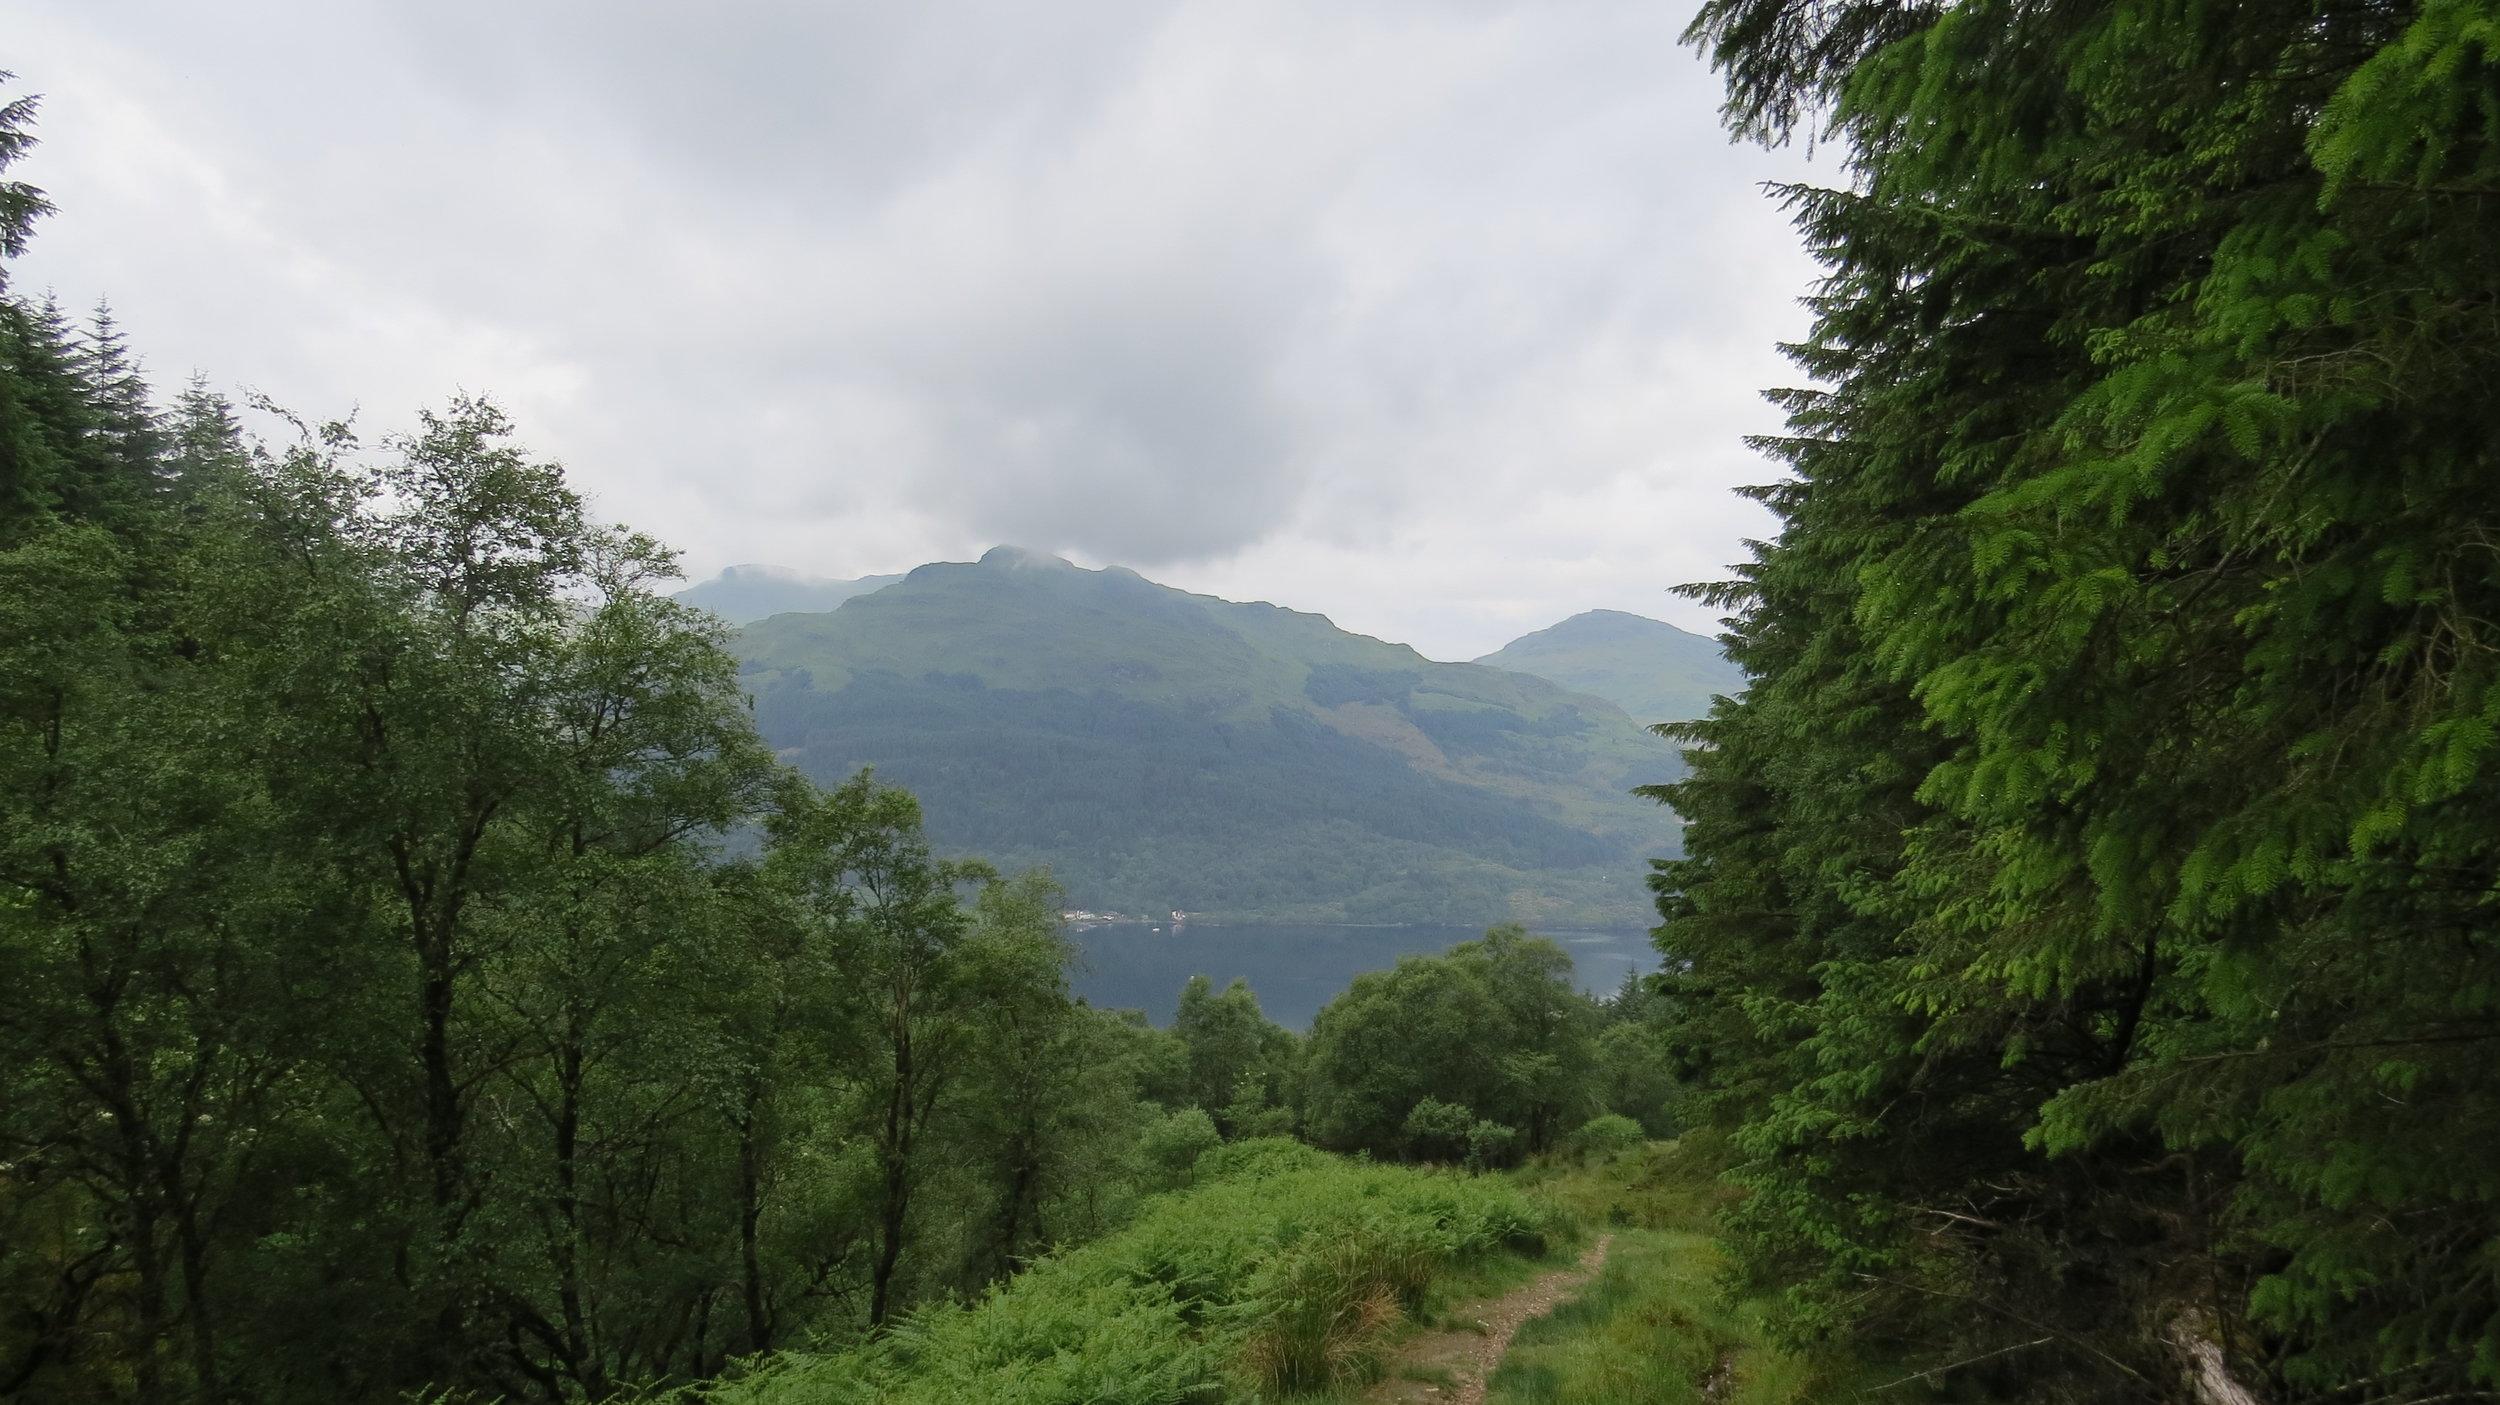 Looking towards Loch Goil